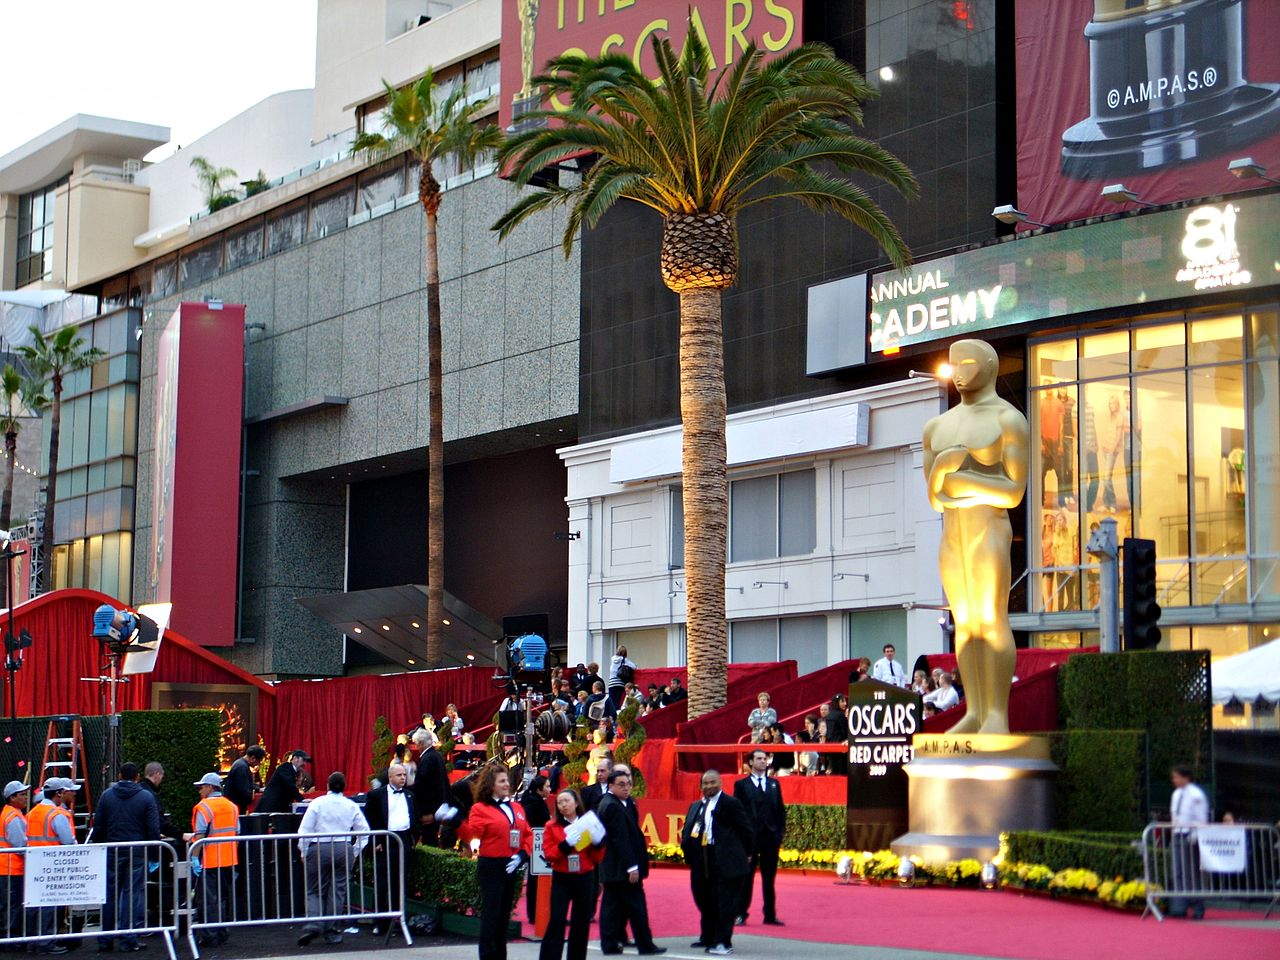 Giant Oscar statue - annual academy awards